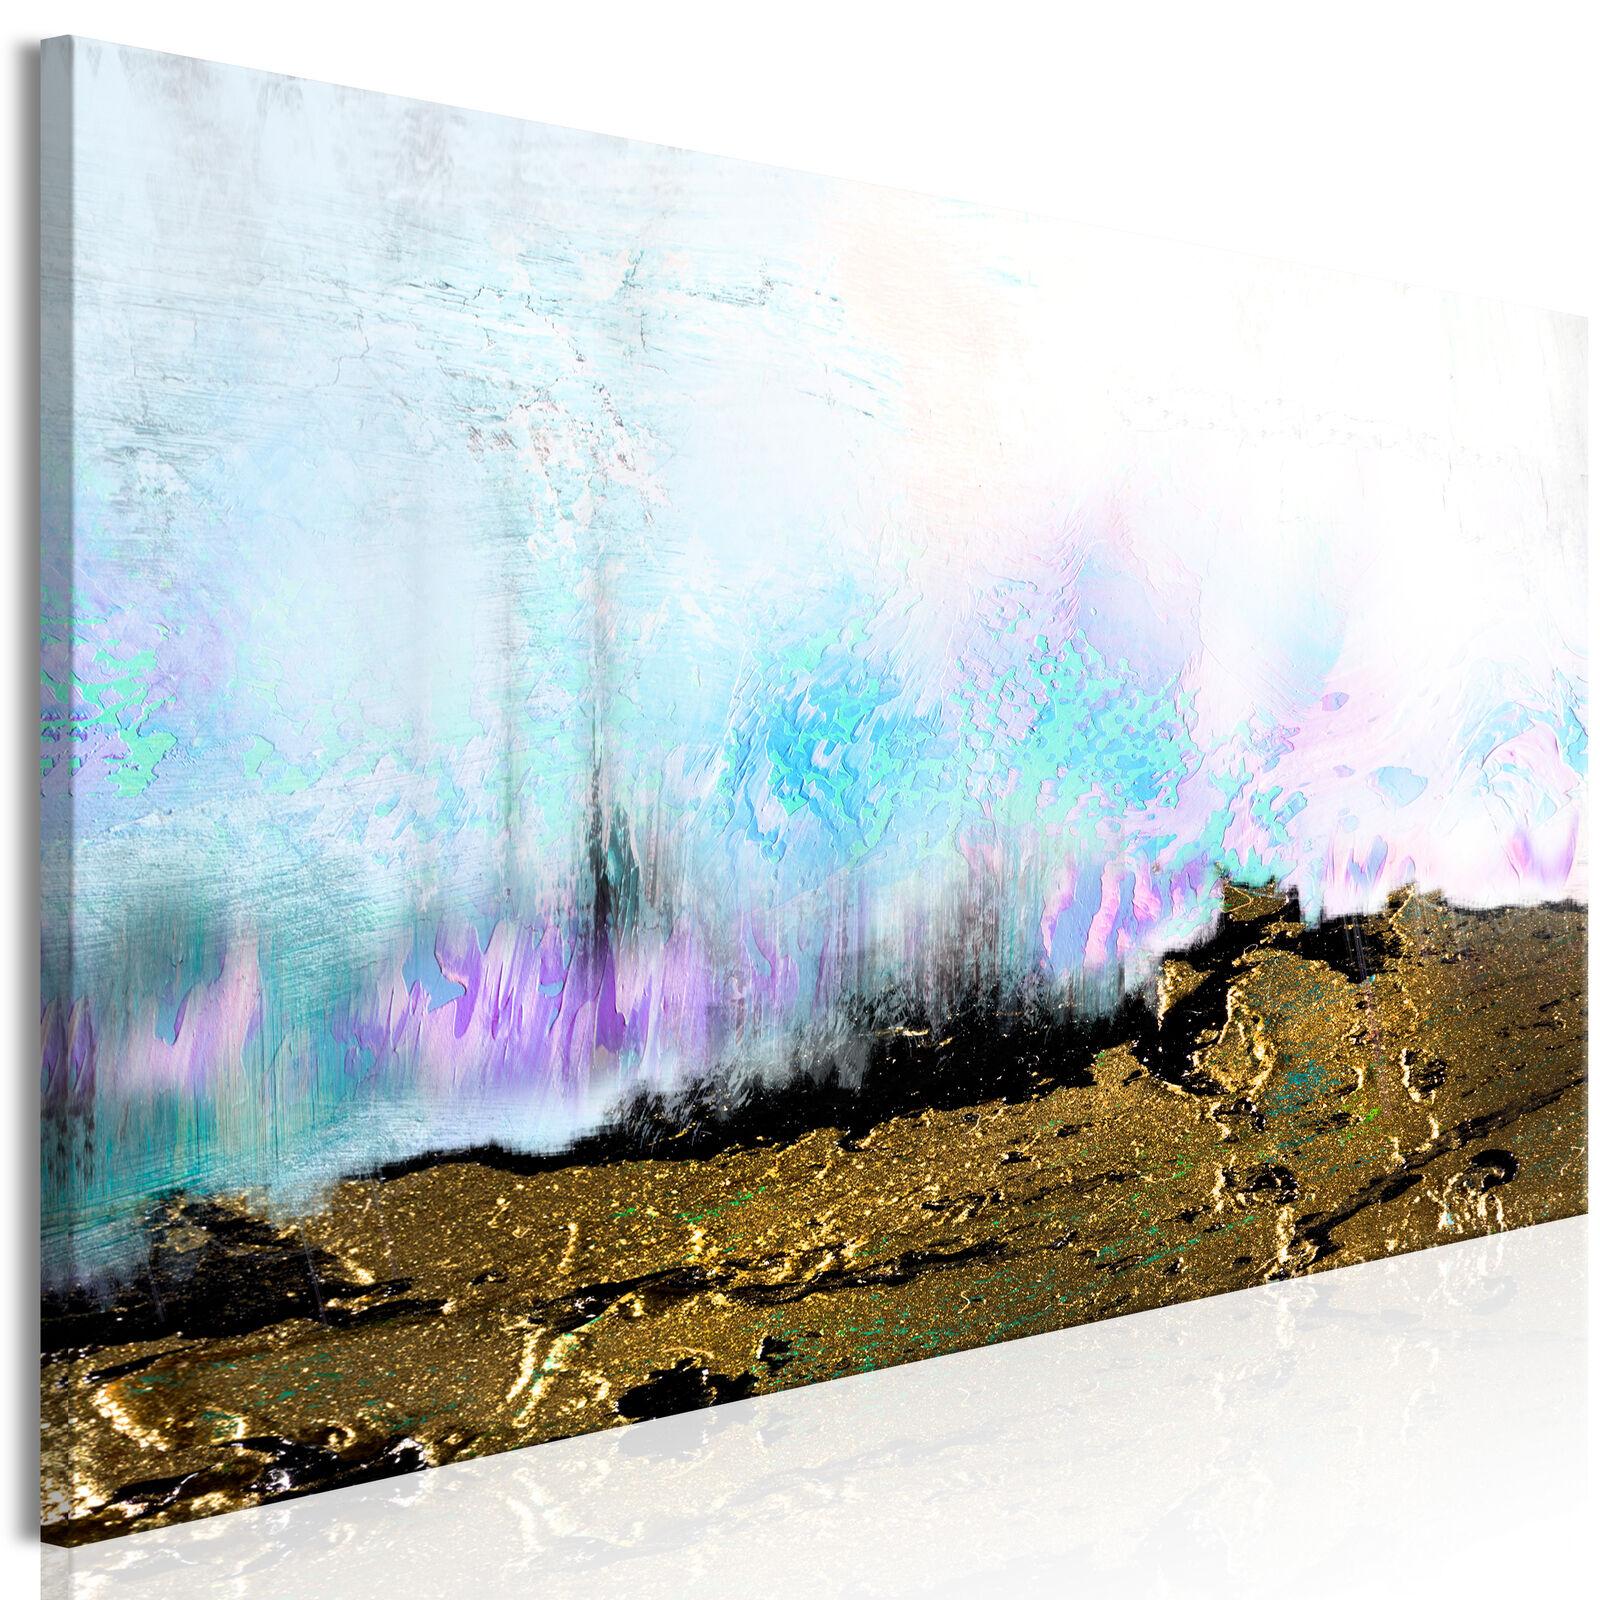 ABSTRAKT BUNT WASSER Wandbilder xxl Bilder Vlies Leinwand a-A-0387-b-a